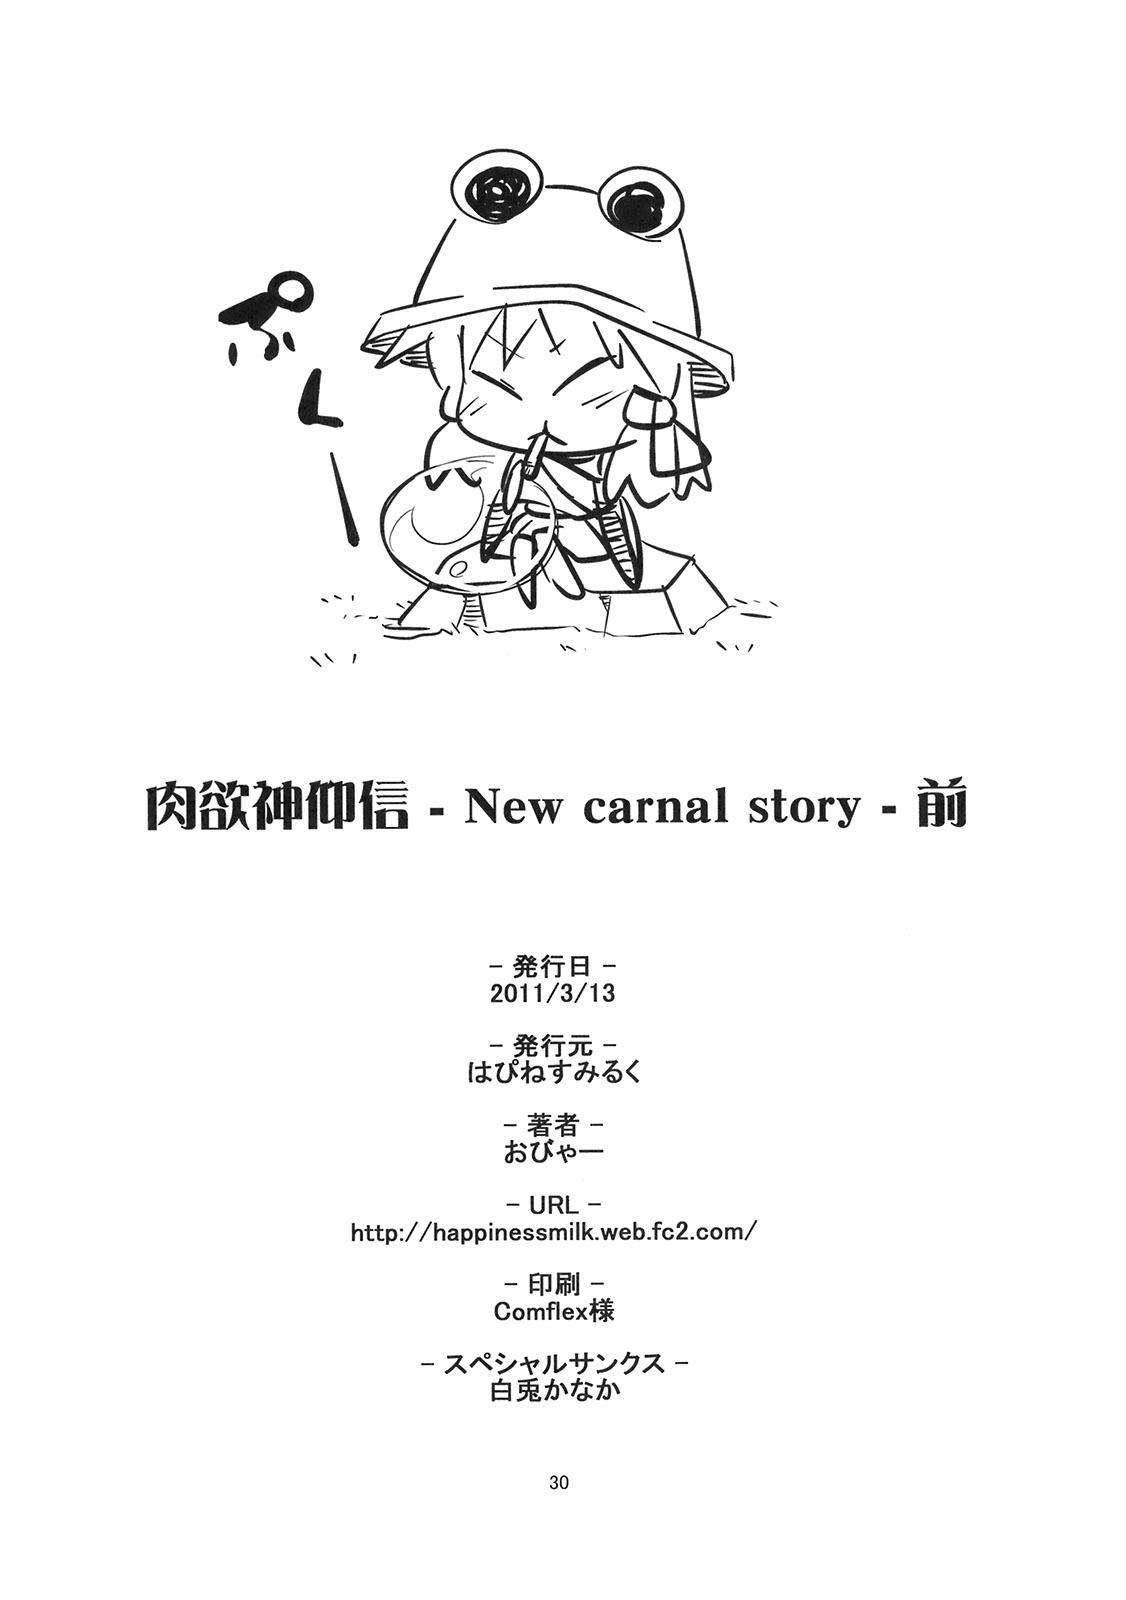 (Reitaisai 8) [Happiness Milk (Obyaa)] Nikuyokugami Gyoushin - New carnal story - Zen (Touhou Project) 28